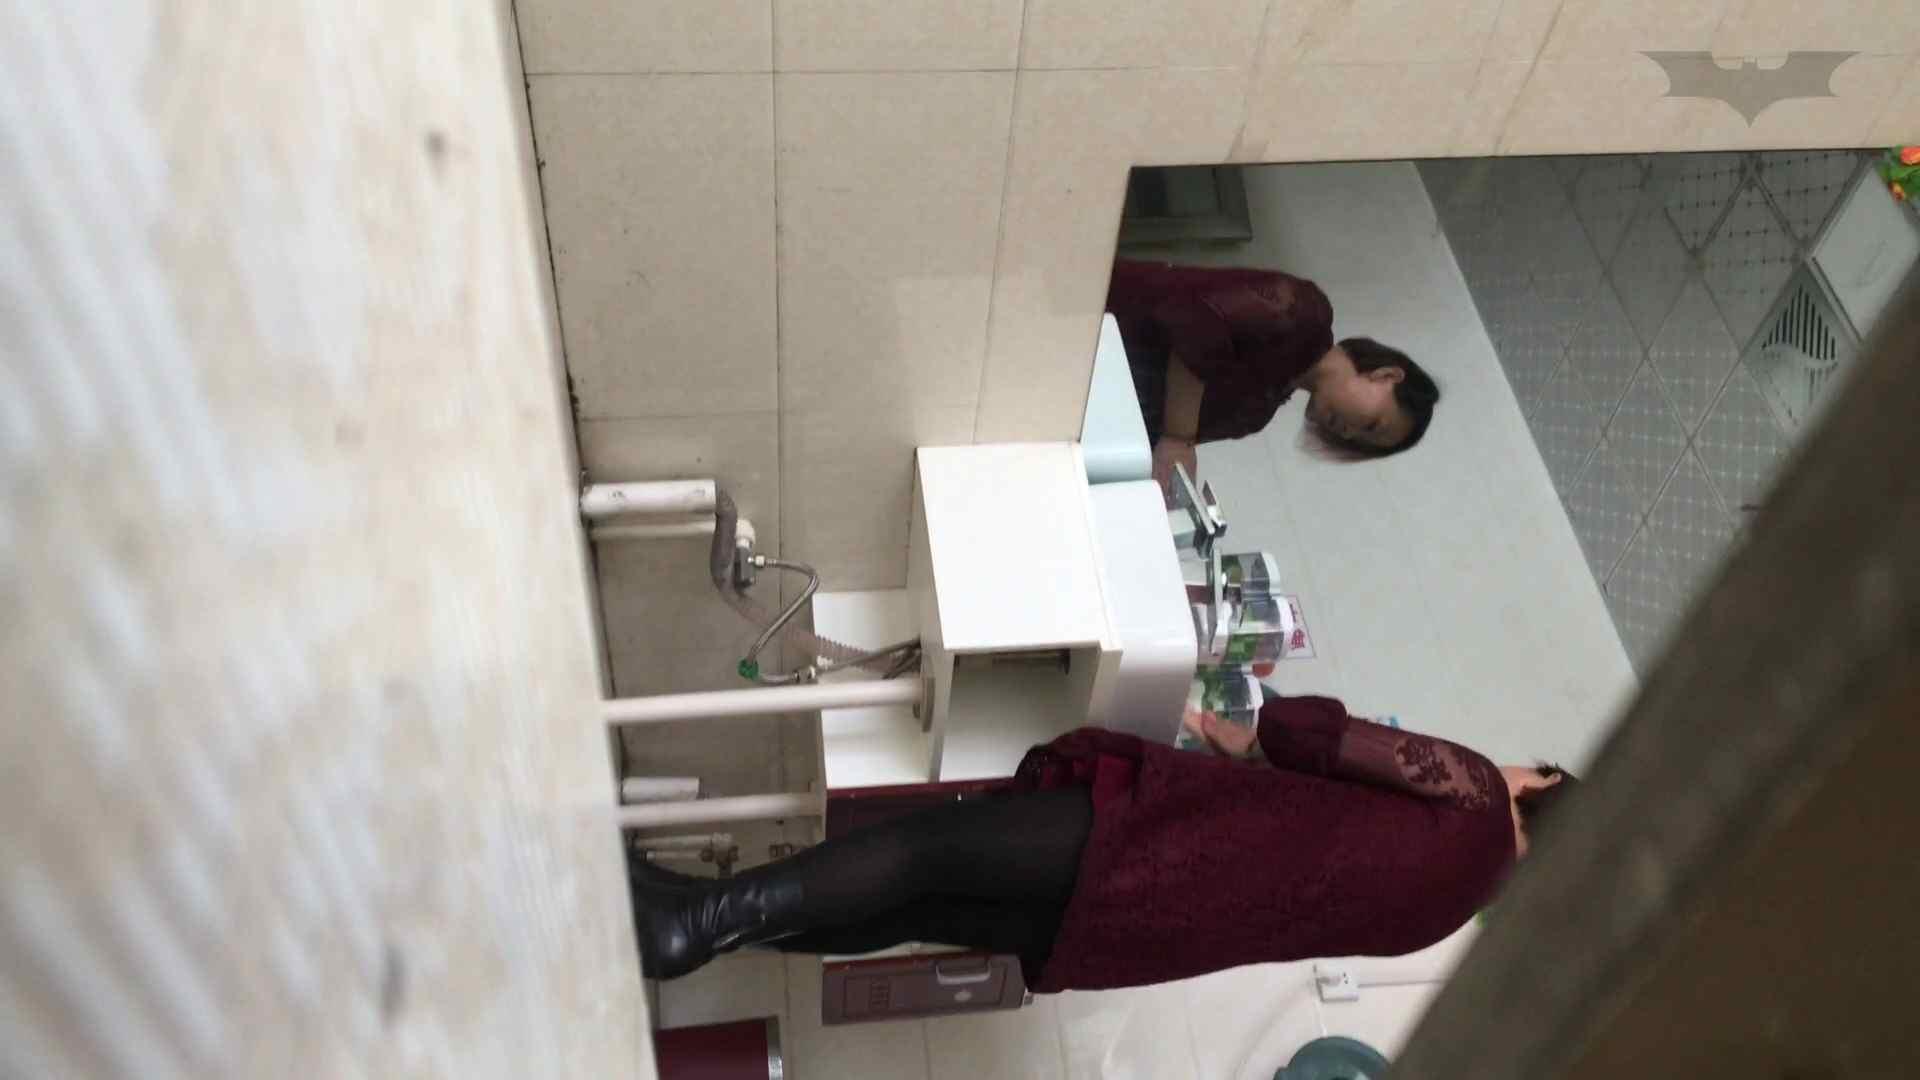 芸術大学ガチ潜入盗撮 JD盗撮 美女の洗面所の秘密 Vol.111 美女のボディ   OLのボディ  49PIX 19